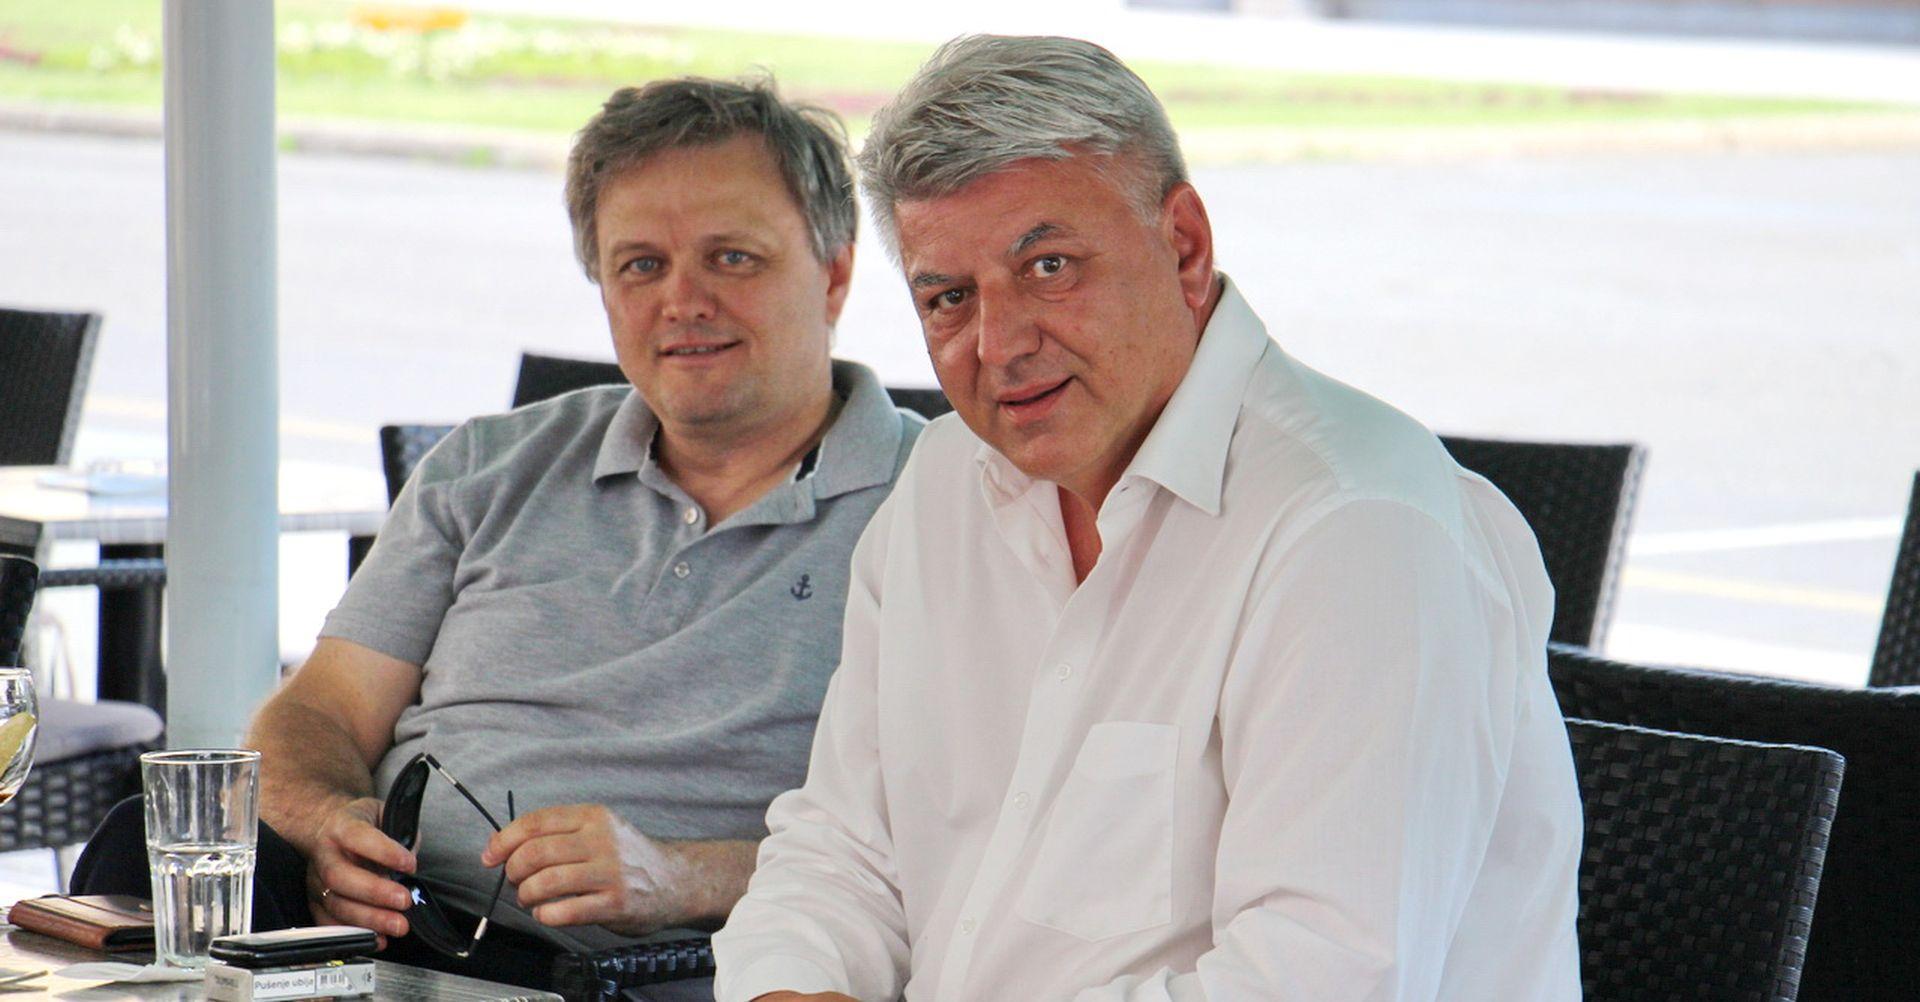 Komadina na kavi sa Zvonimirom Mršićem, On je potreban Savjetu za gospodarstvo SDP-a